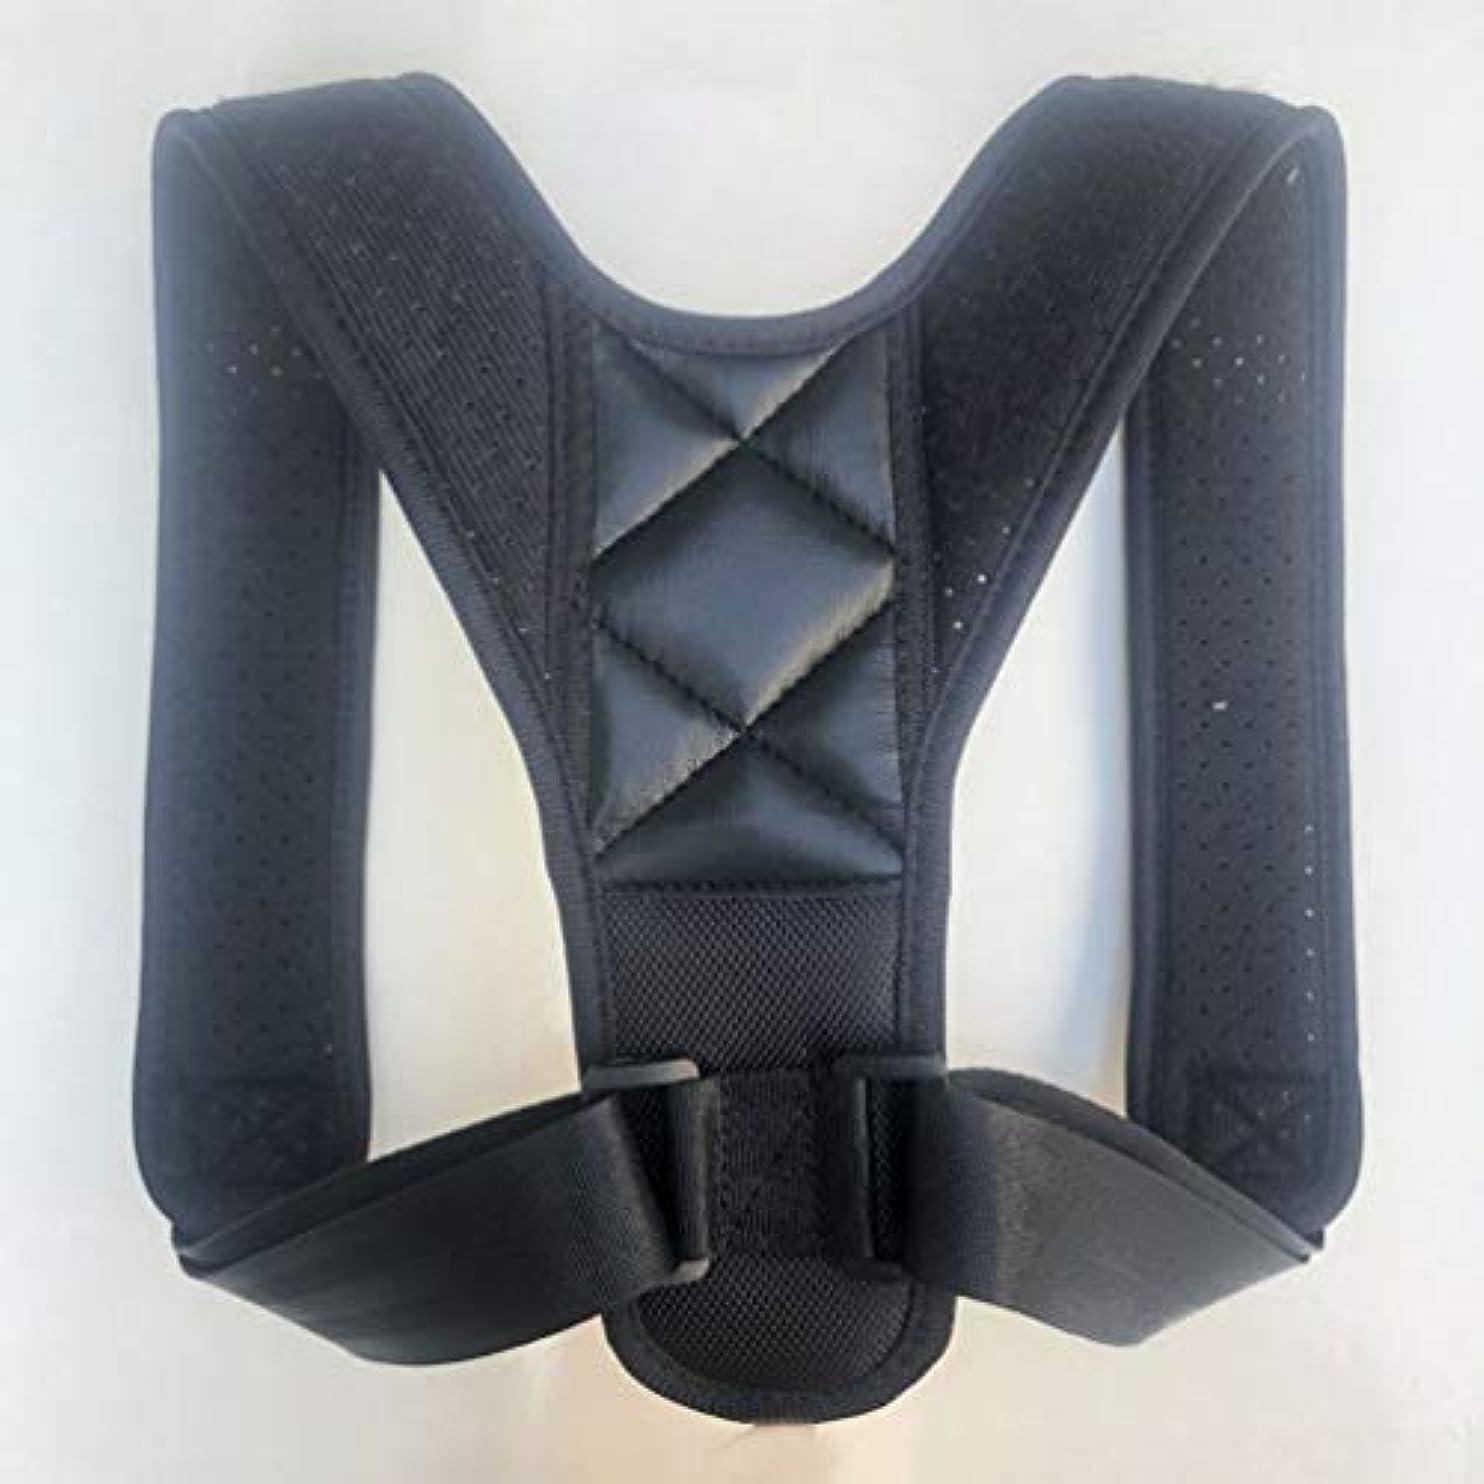 選択する多様性節約するアッパーバックポスチャーコレクター姿勢鎖骨サポートコレクターバックストレートショルダーブレースストラップコレクター - ブラック